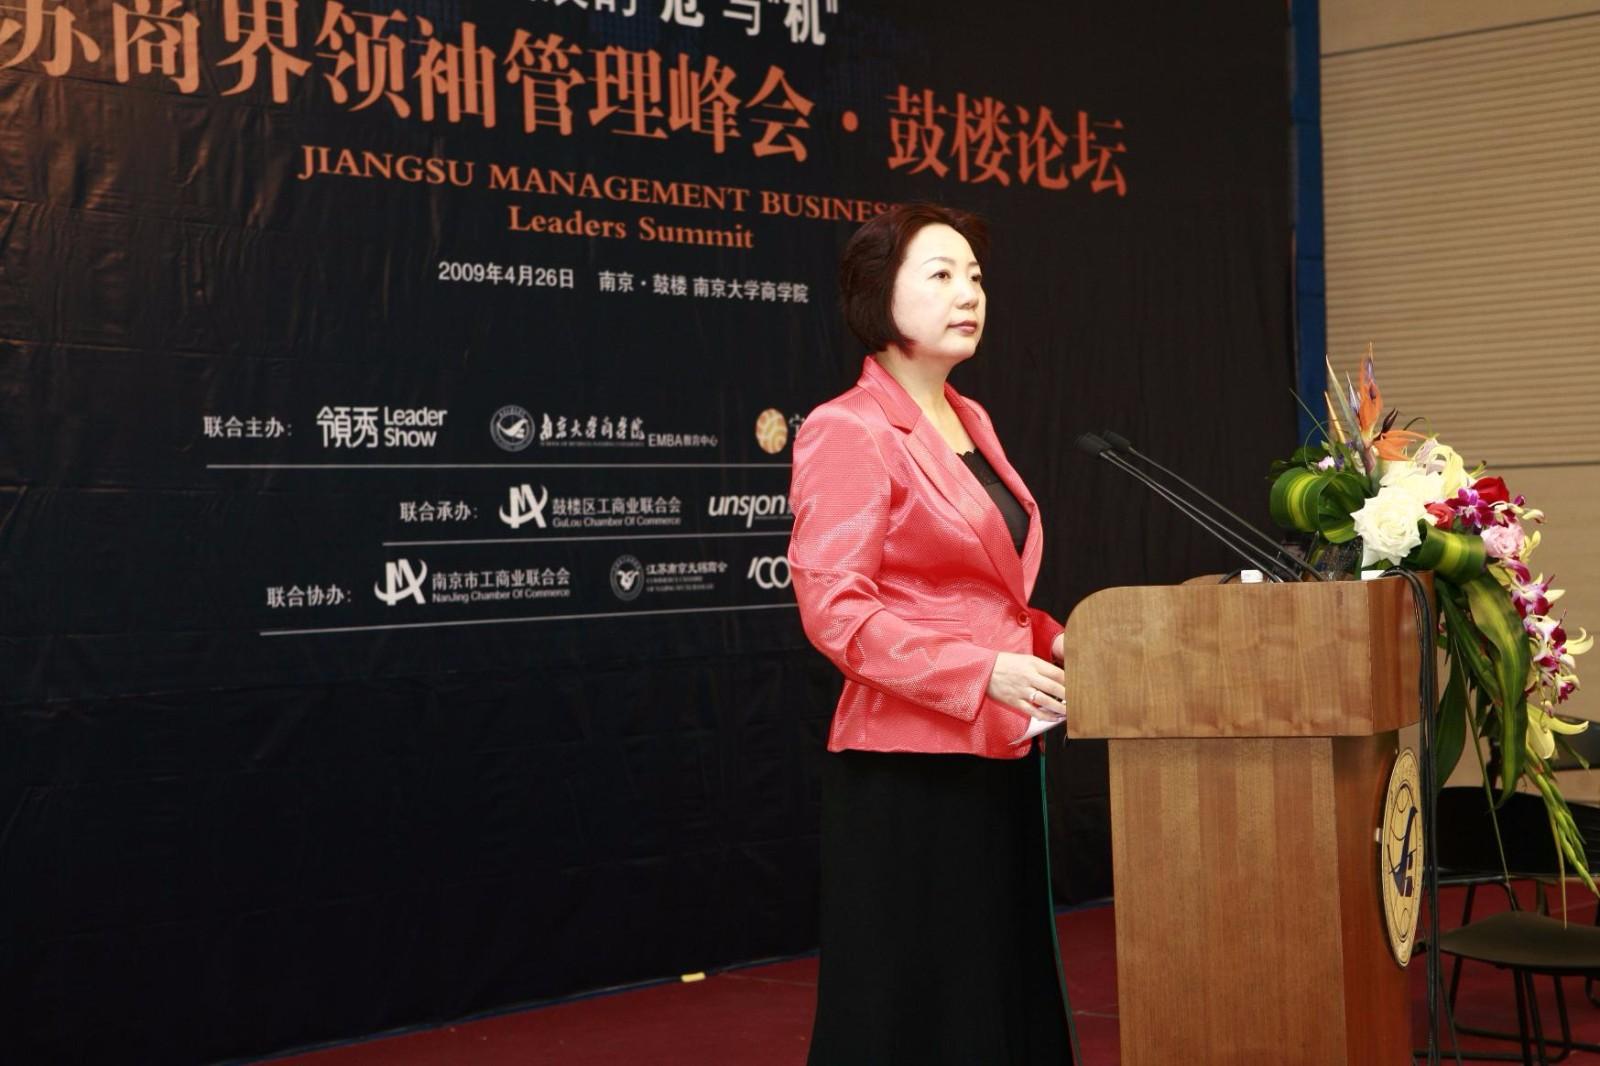 南京大学EMBA管理峰会论坛